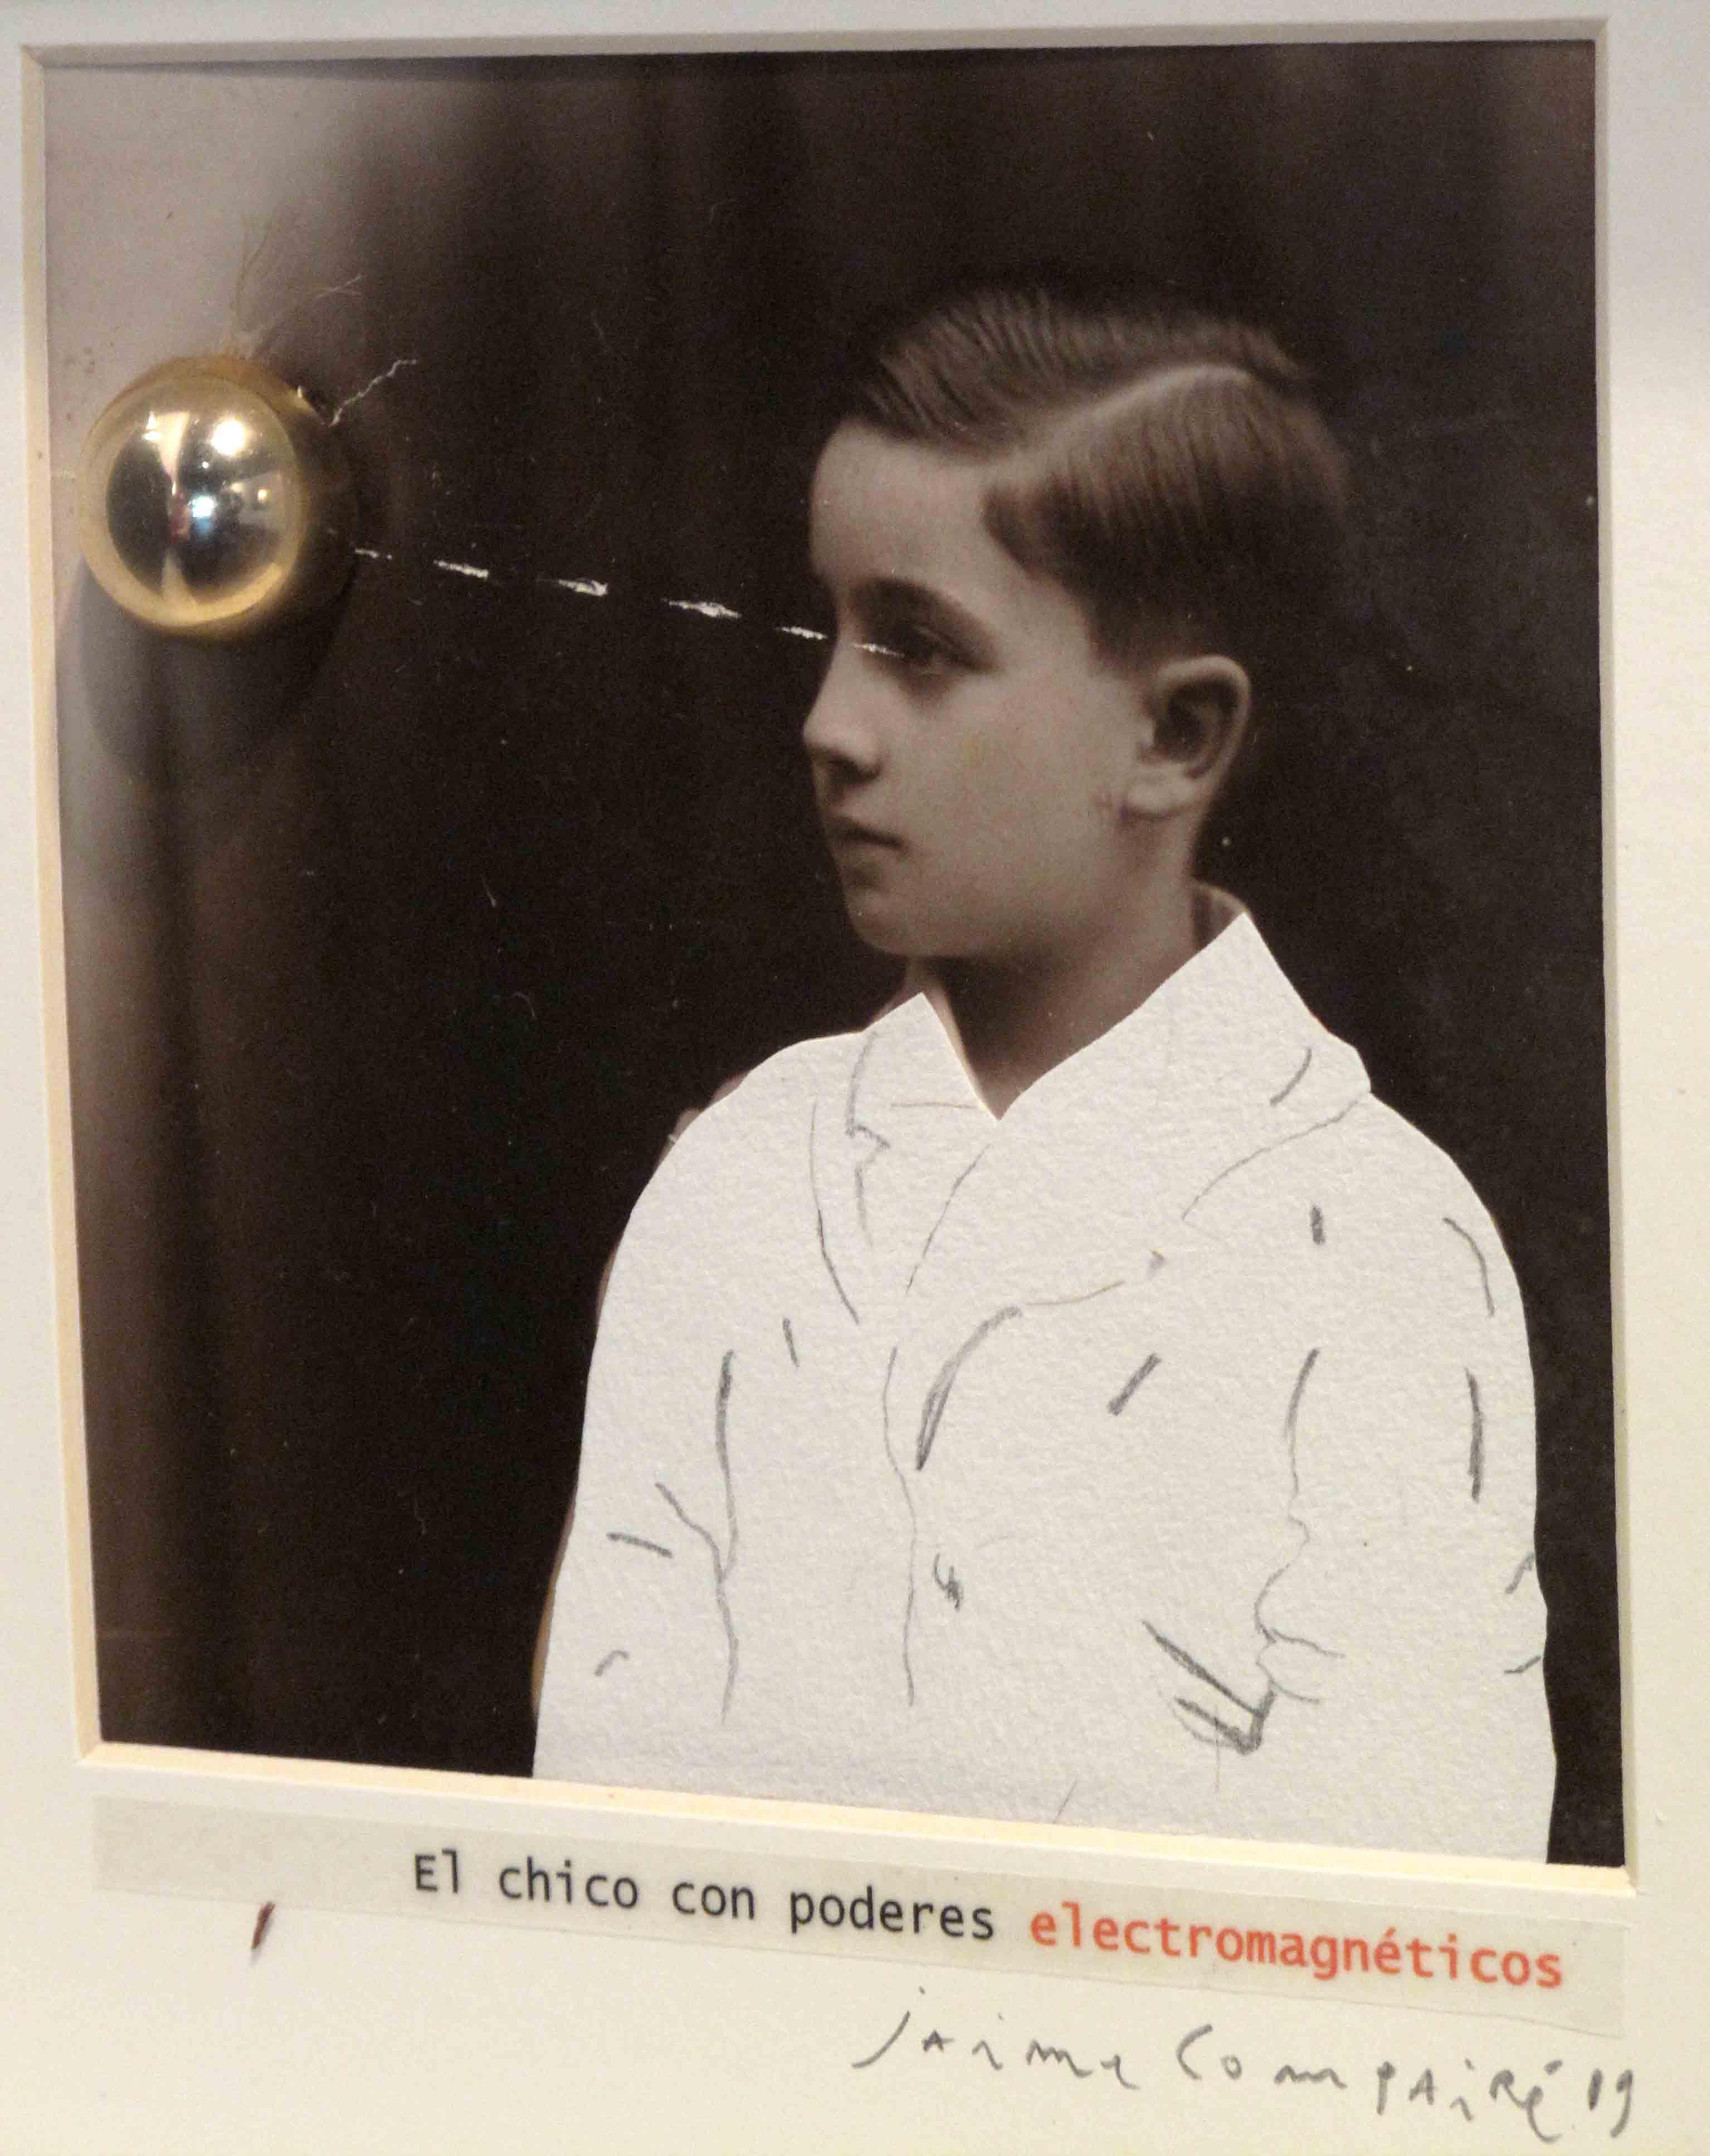 El chico con poderes electromagneticos<br/>Fotografía de collage / Collage photography.